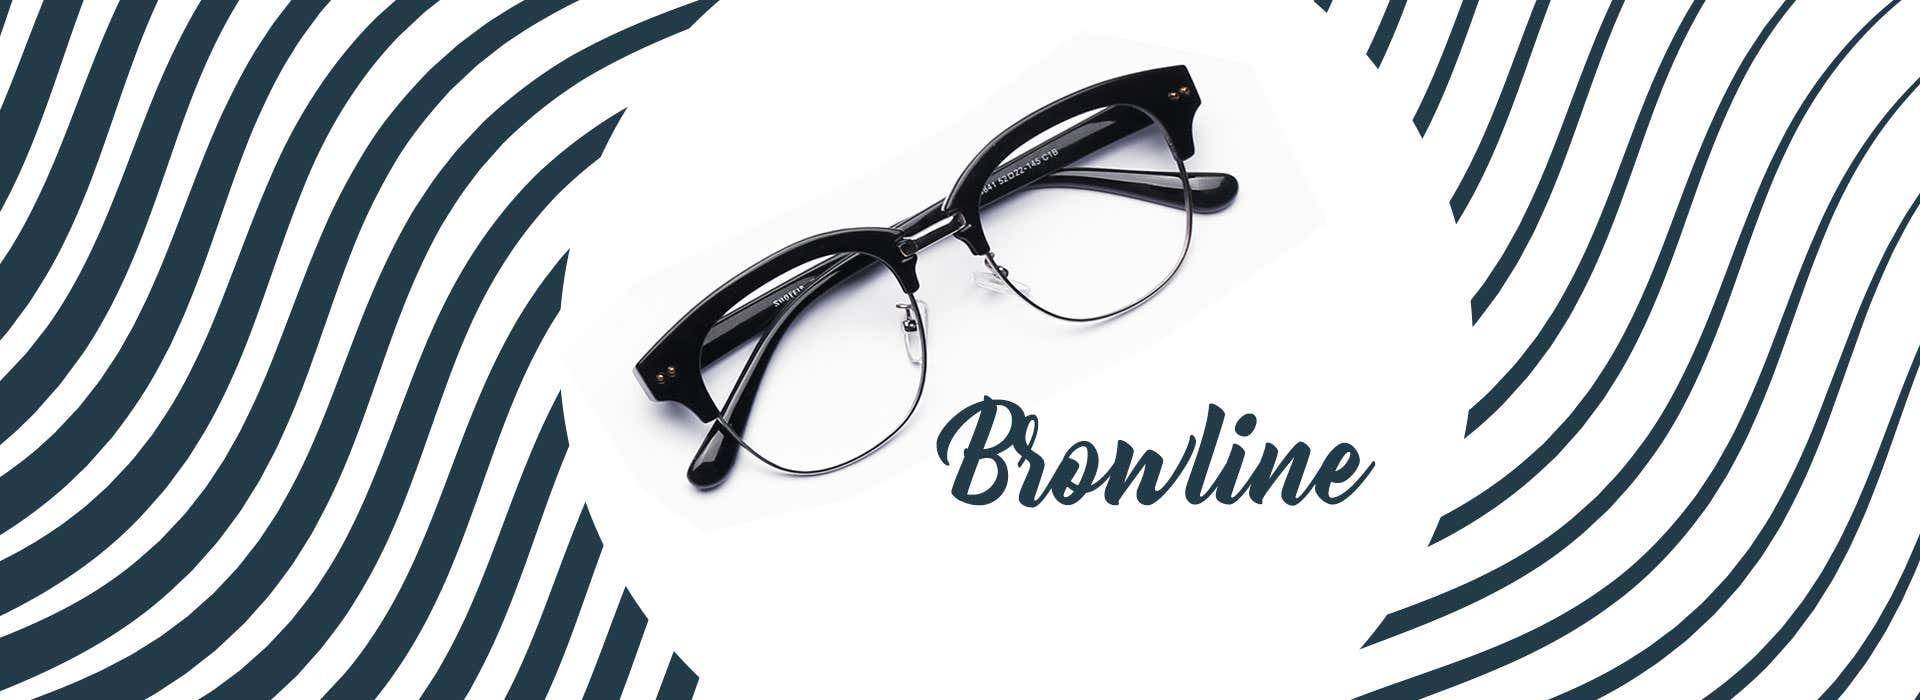 Buy Brownline Eyeglasses at Goggles4U